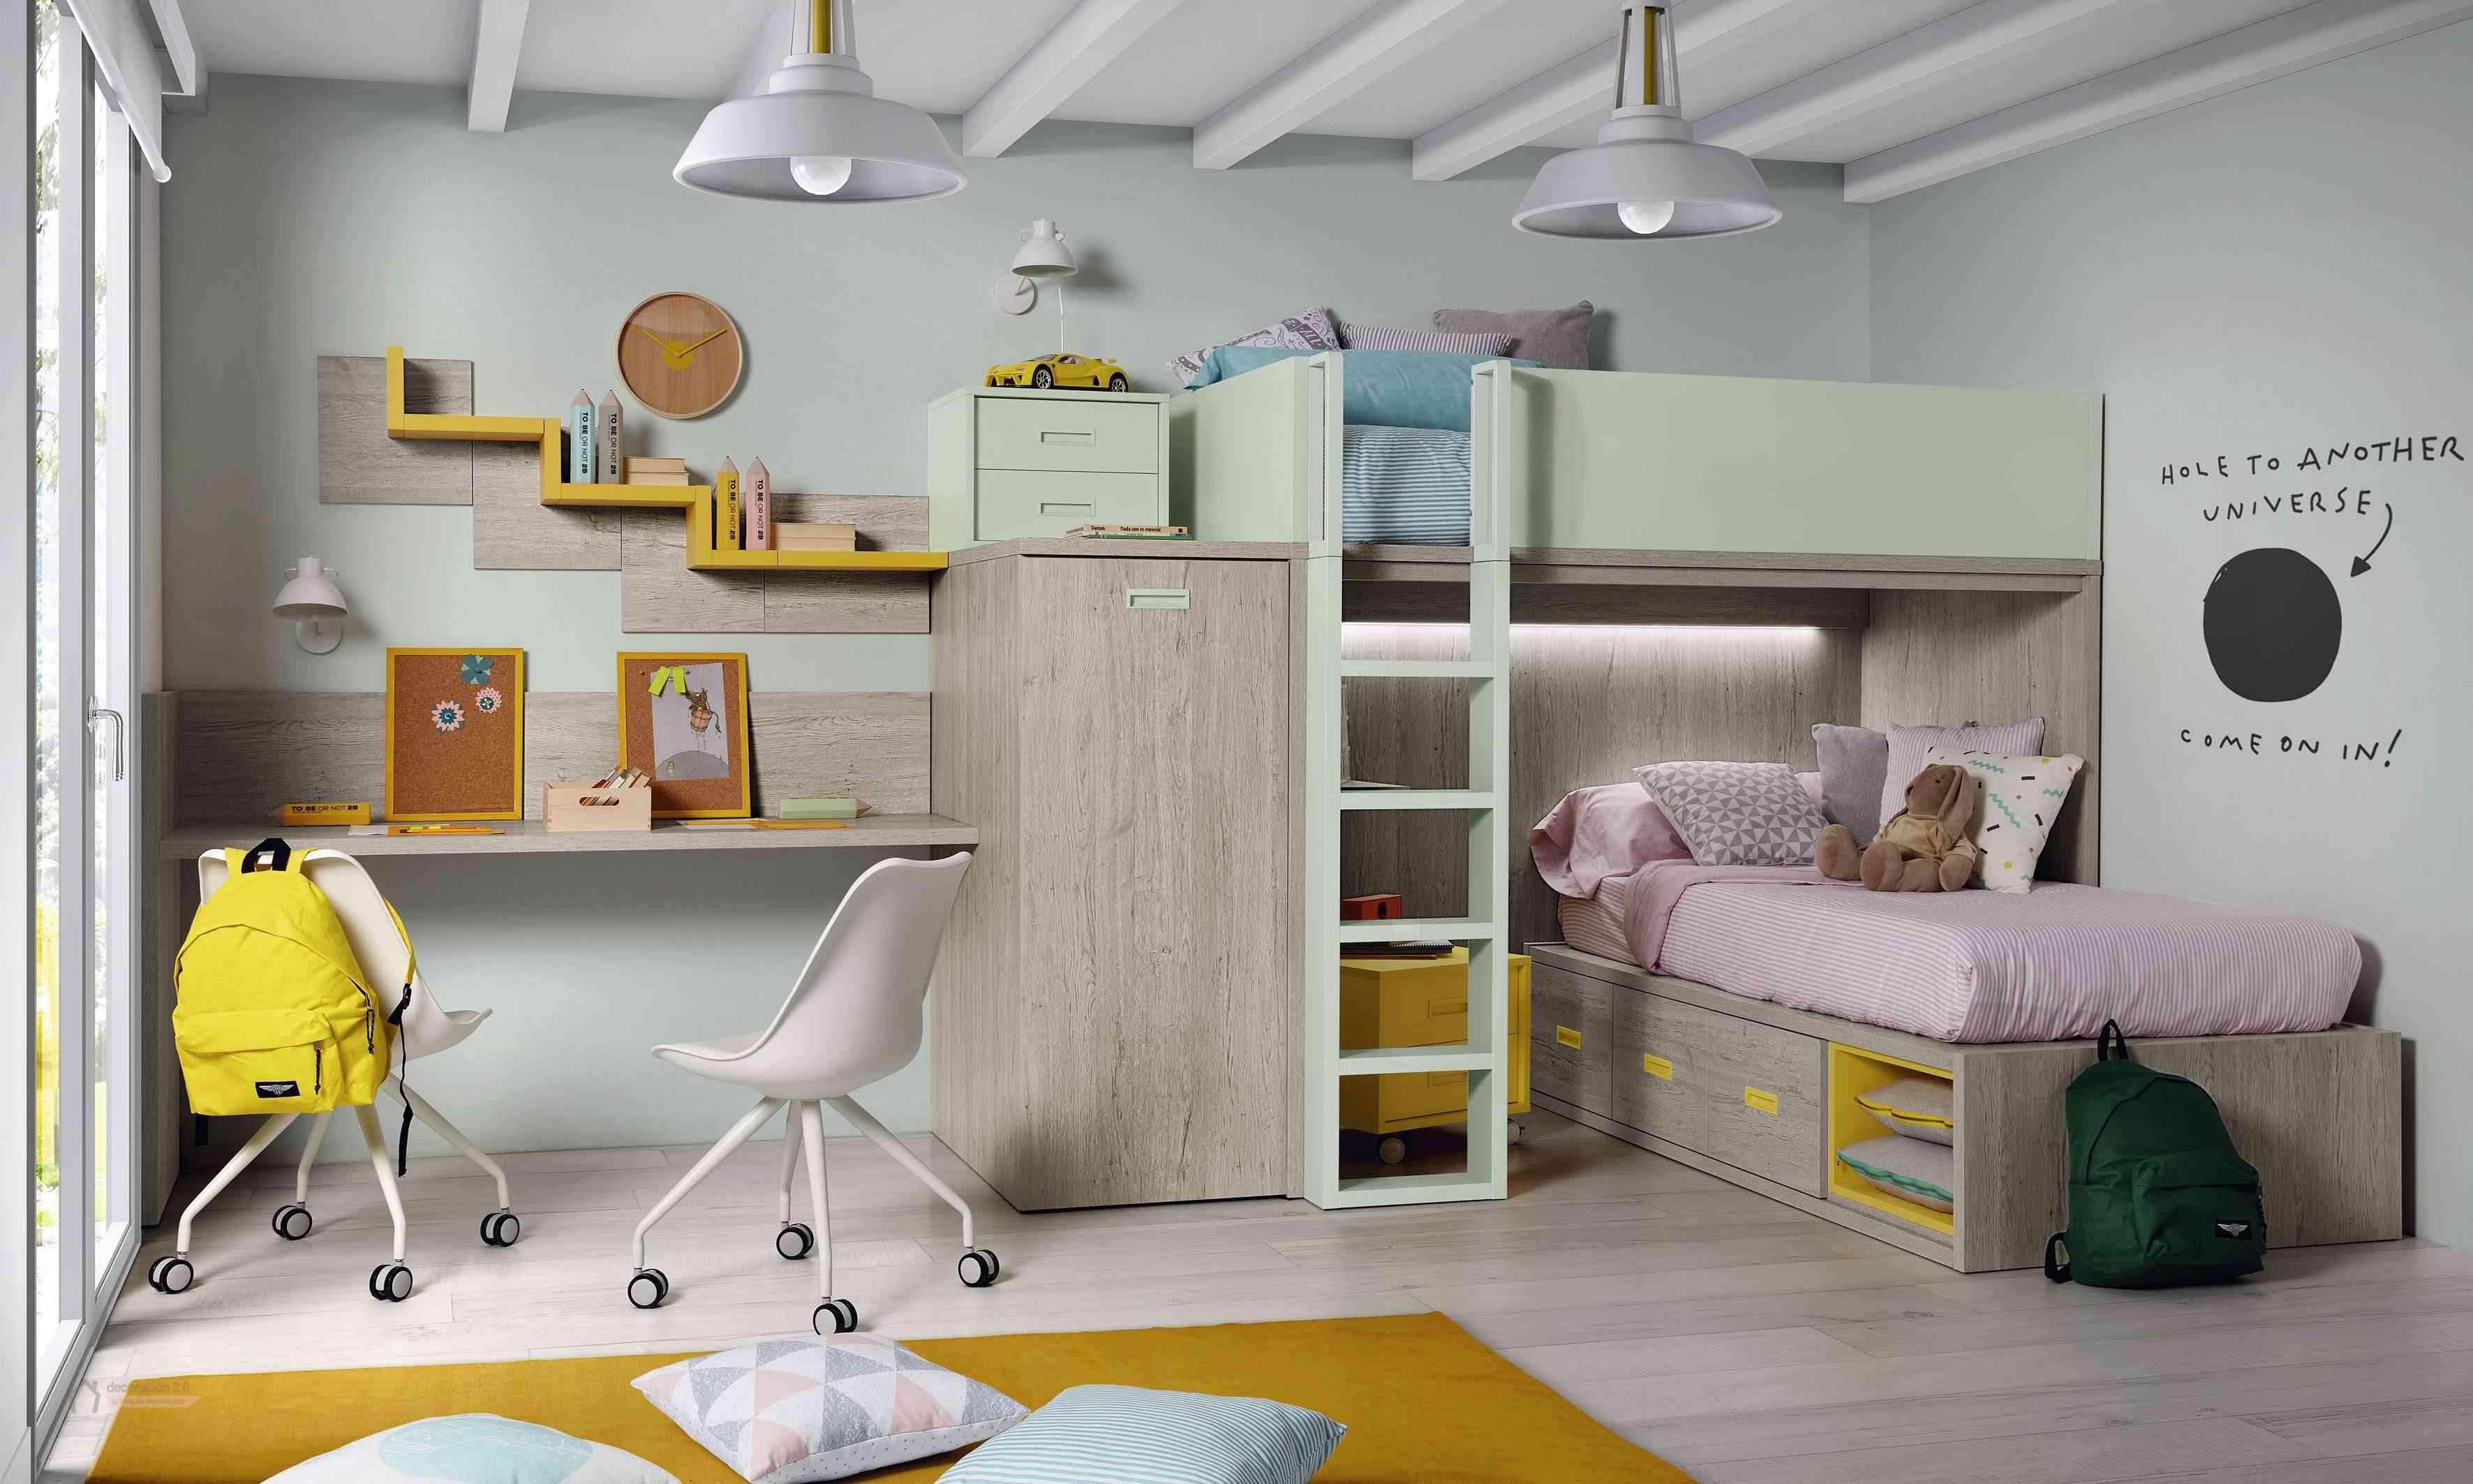 Dormitorios muy tecnológicos que siguen el ritmo de niños y jóvenes 25